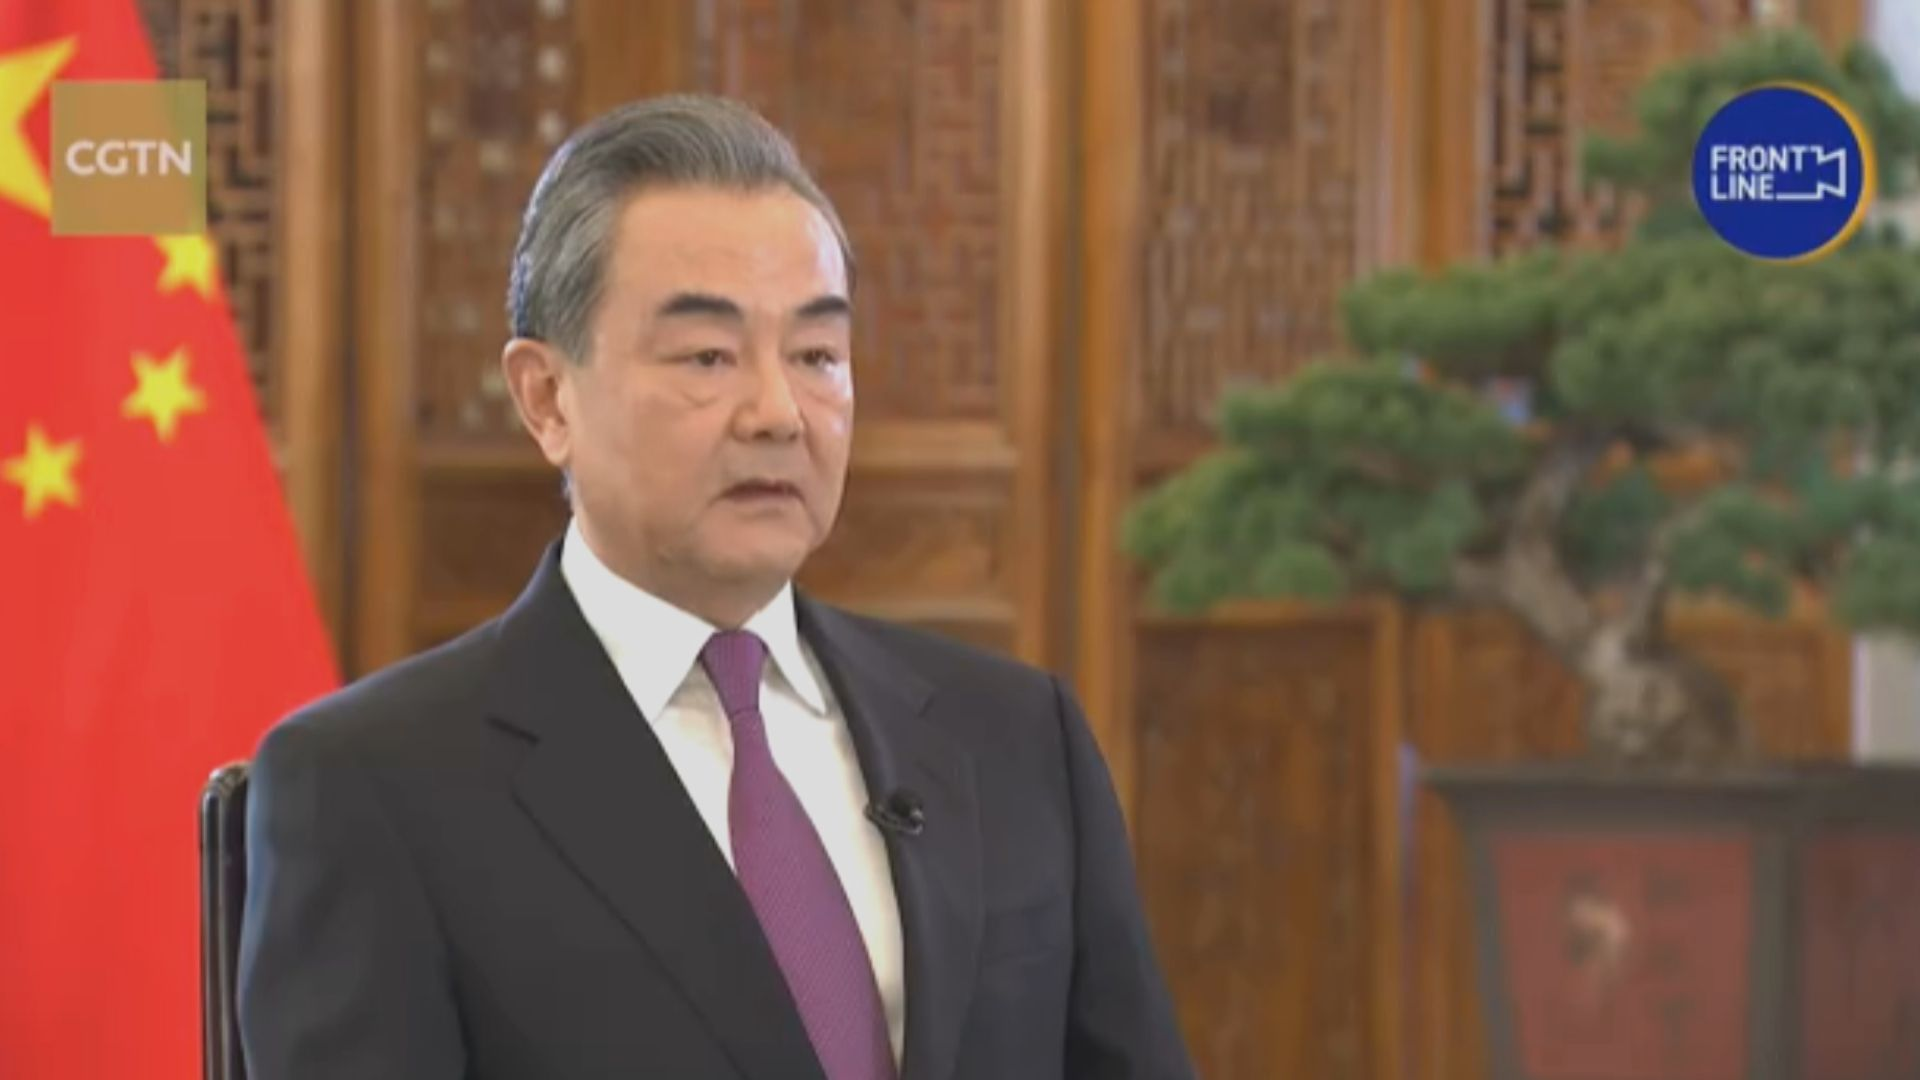 王毅:希望美國新政府重拾理性重開對話